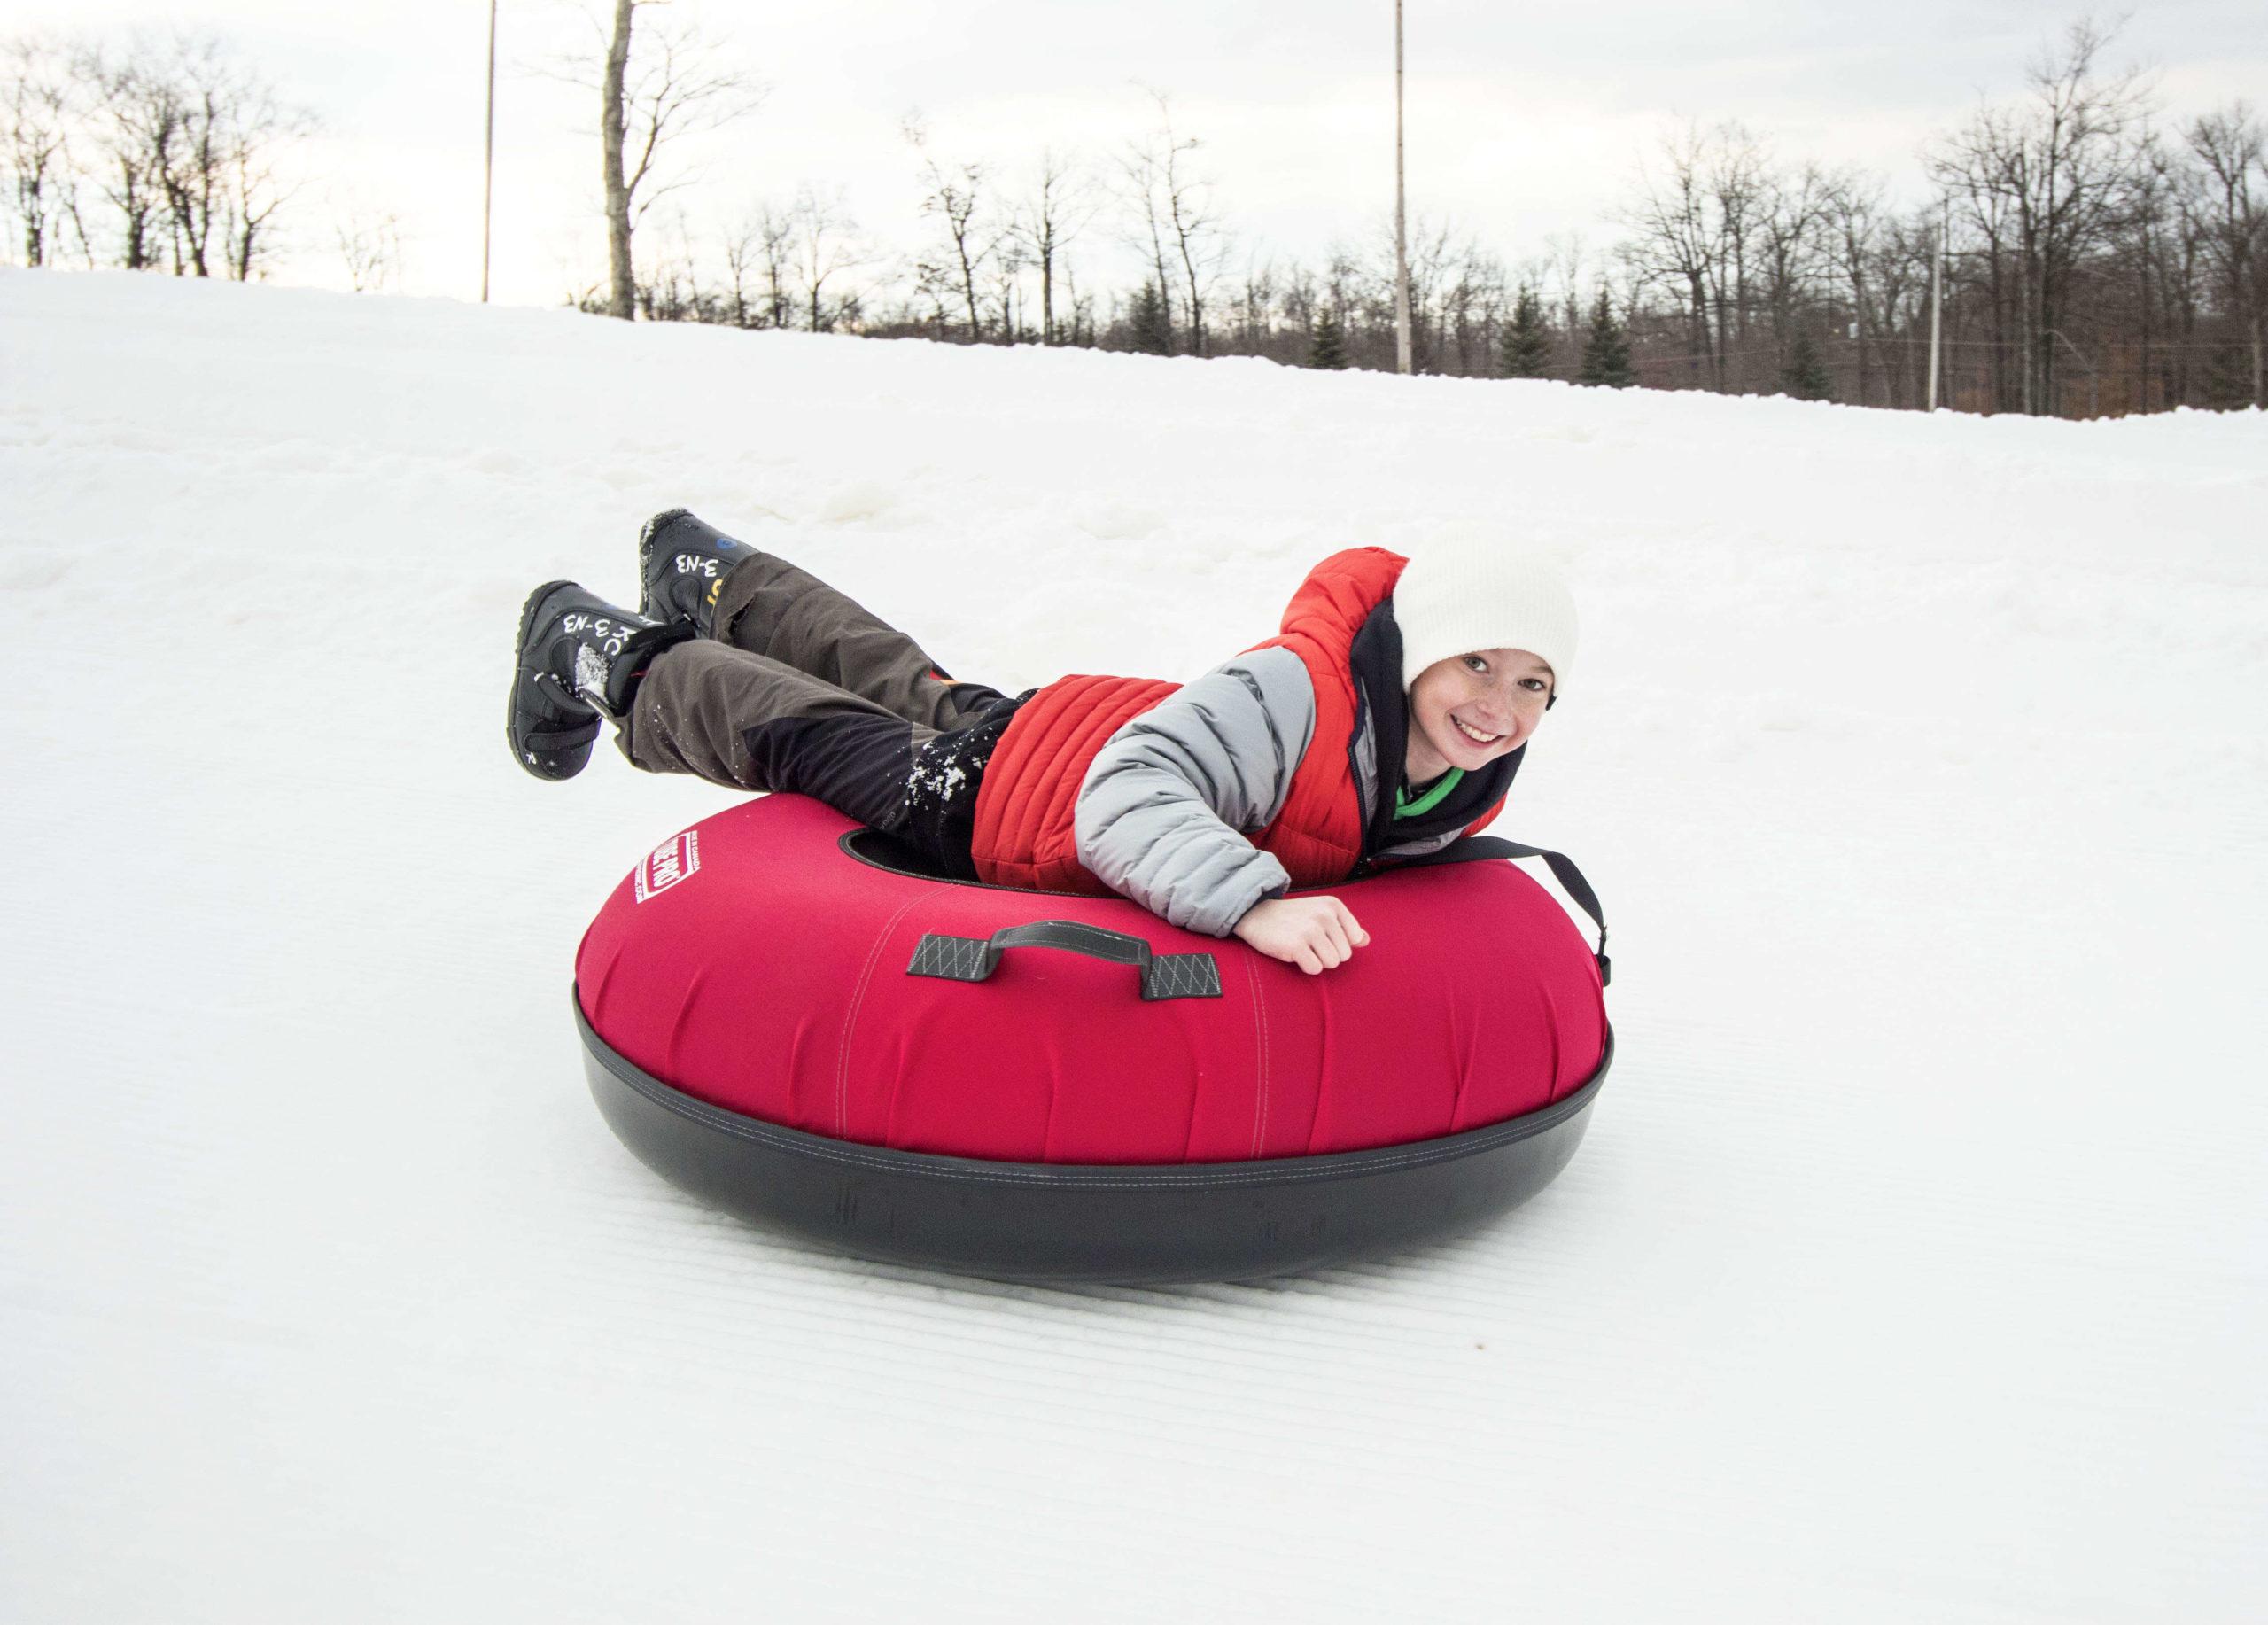 Snowtubing Boy JFBB 4 PoconoMtns0 5bf0599a99ecd1d 5bf05add c7fa cfc7 d10c8847790bcb7a scaled